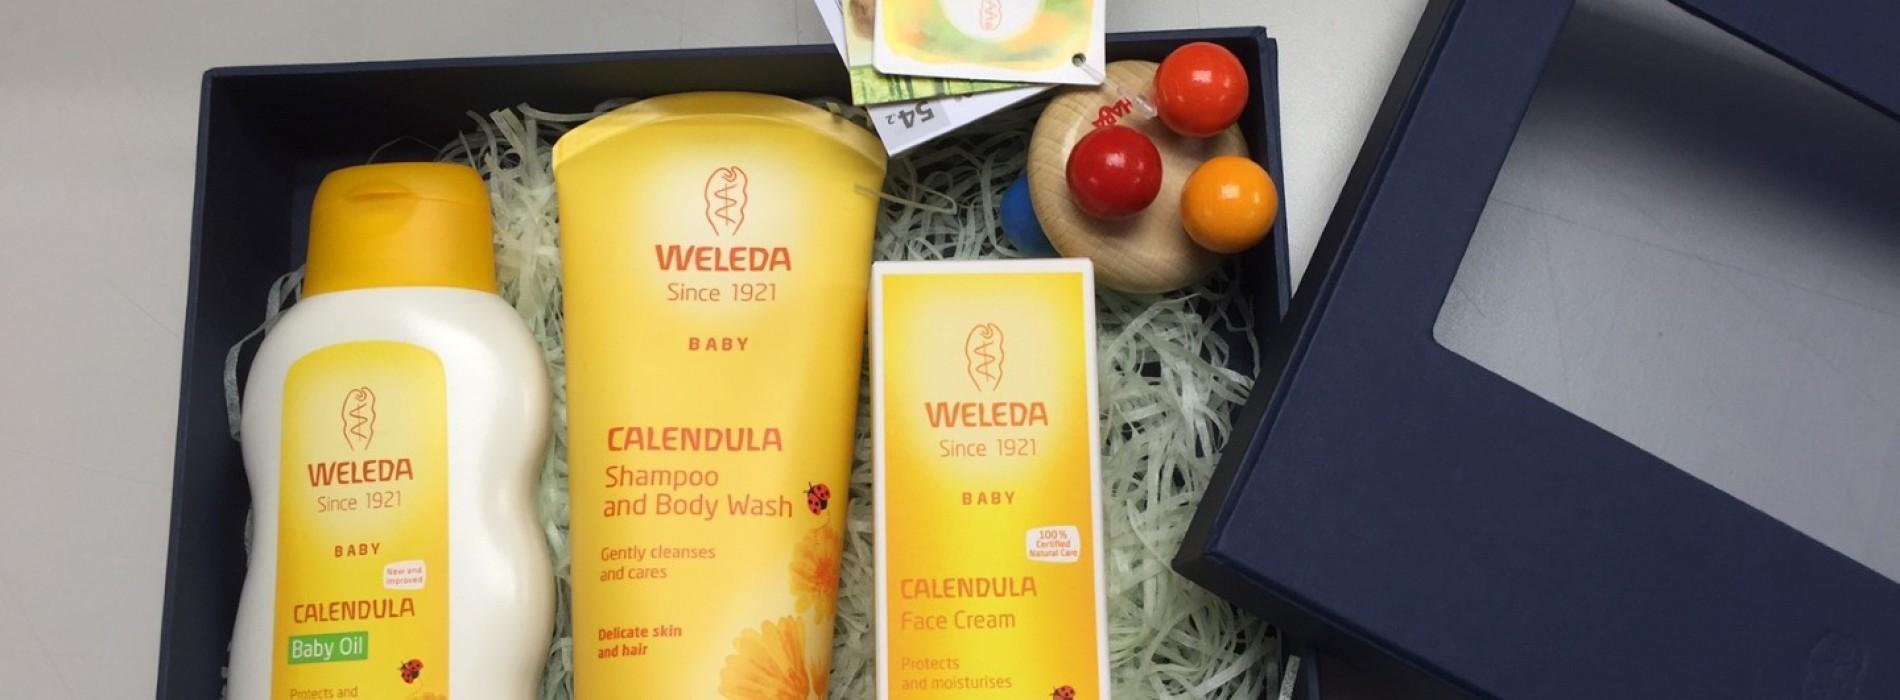 送總值$5,264「WELEDA金盞花嬰幼兒護理」產品